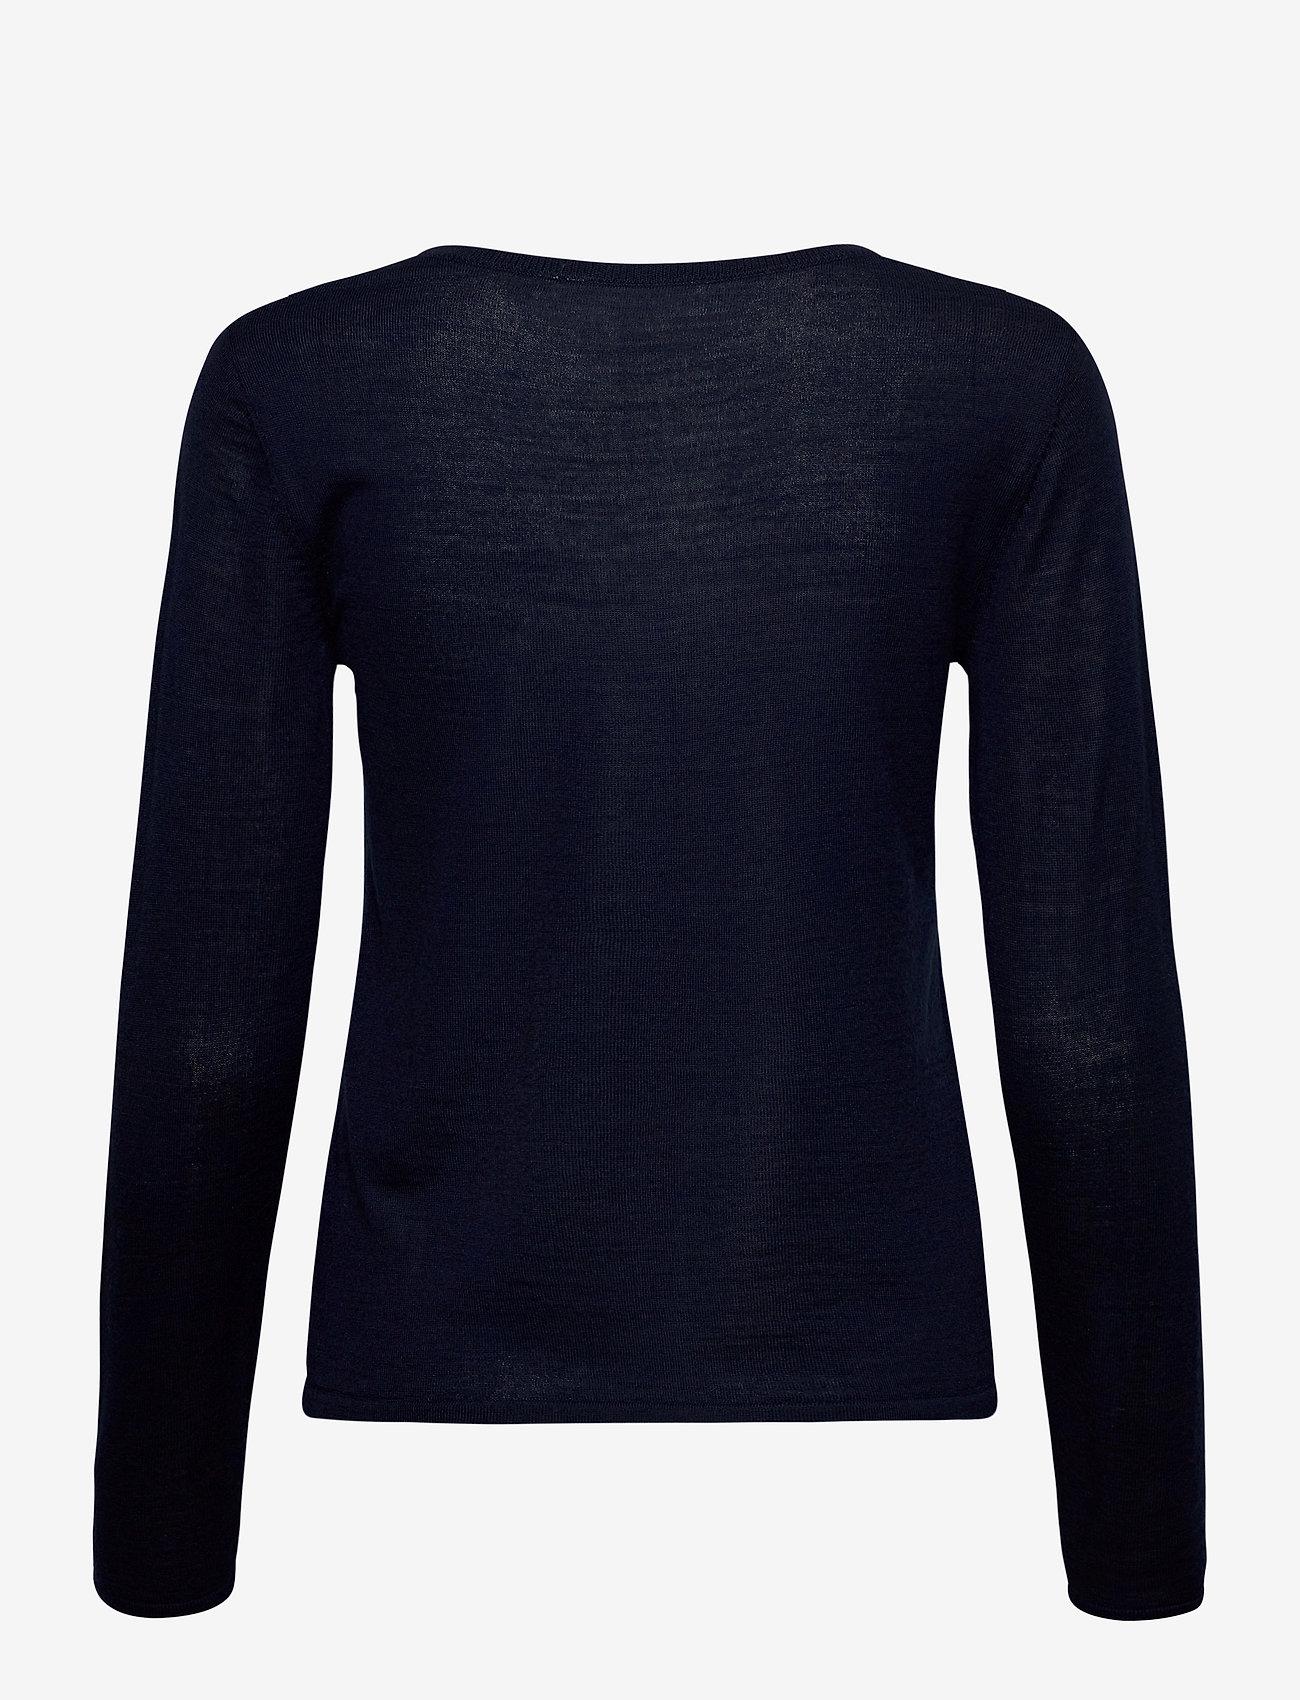 Rosemunde - Merino pullover ls - tröjor - navy - 1